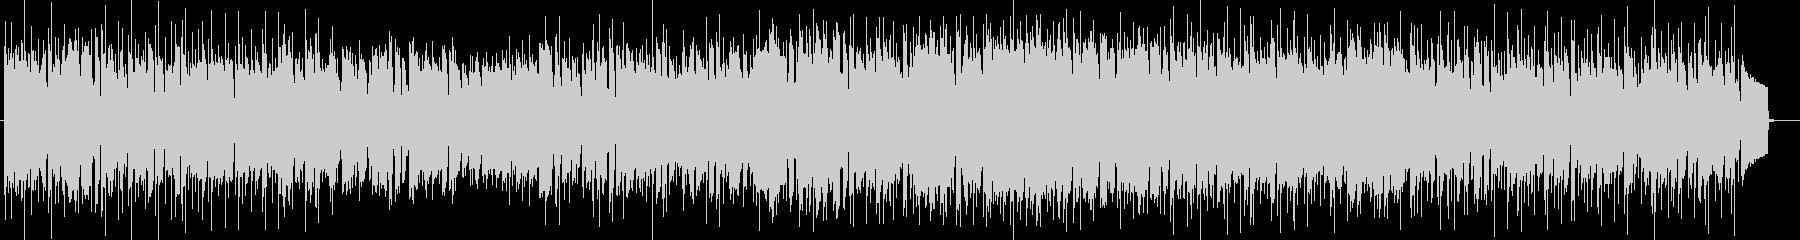 メロディアスなリラクゼーションサウンドの未再生の波形